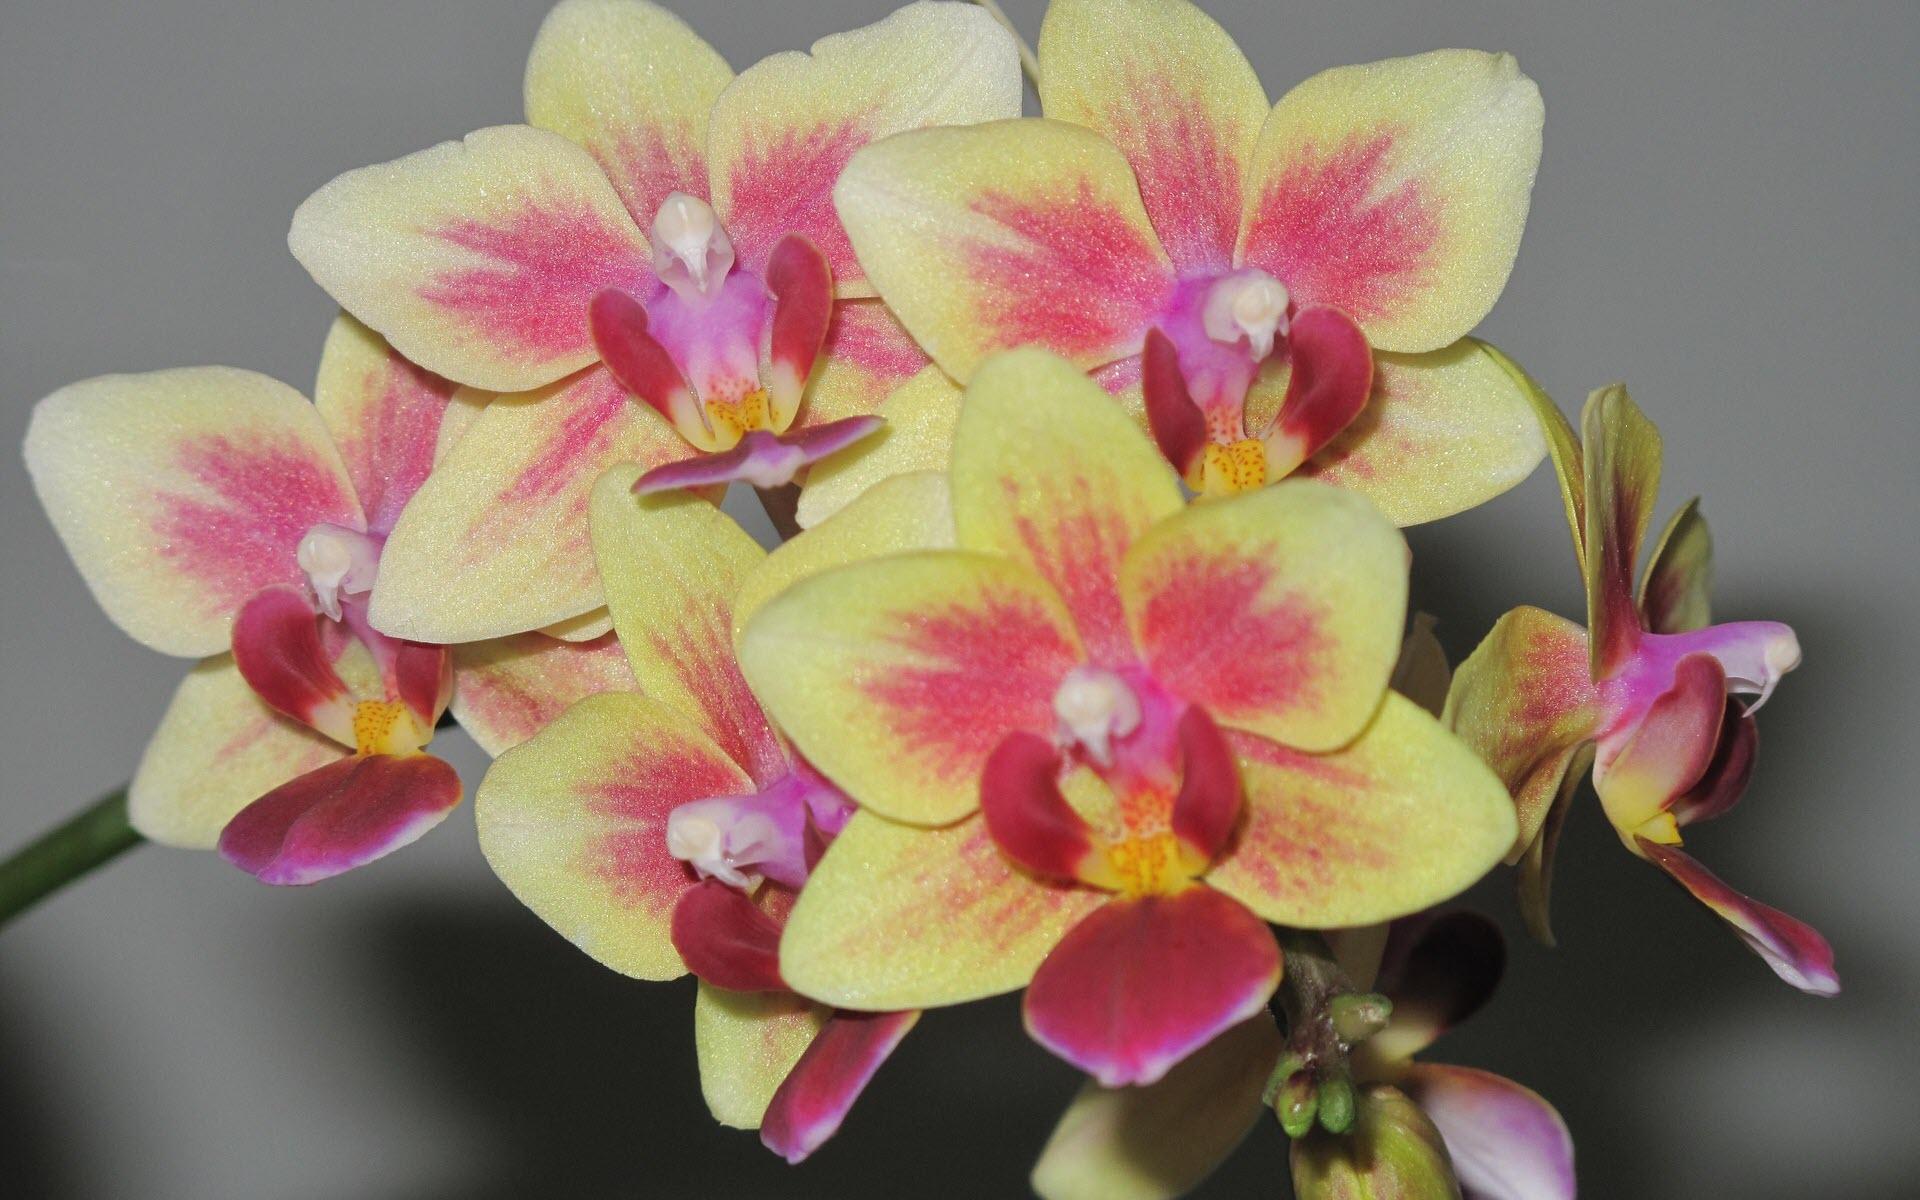 Ảnh nền hoa lan đẹp nhất